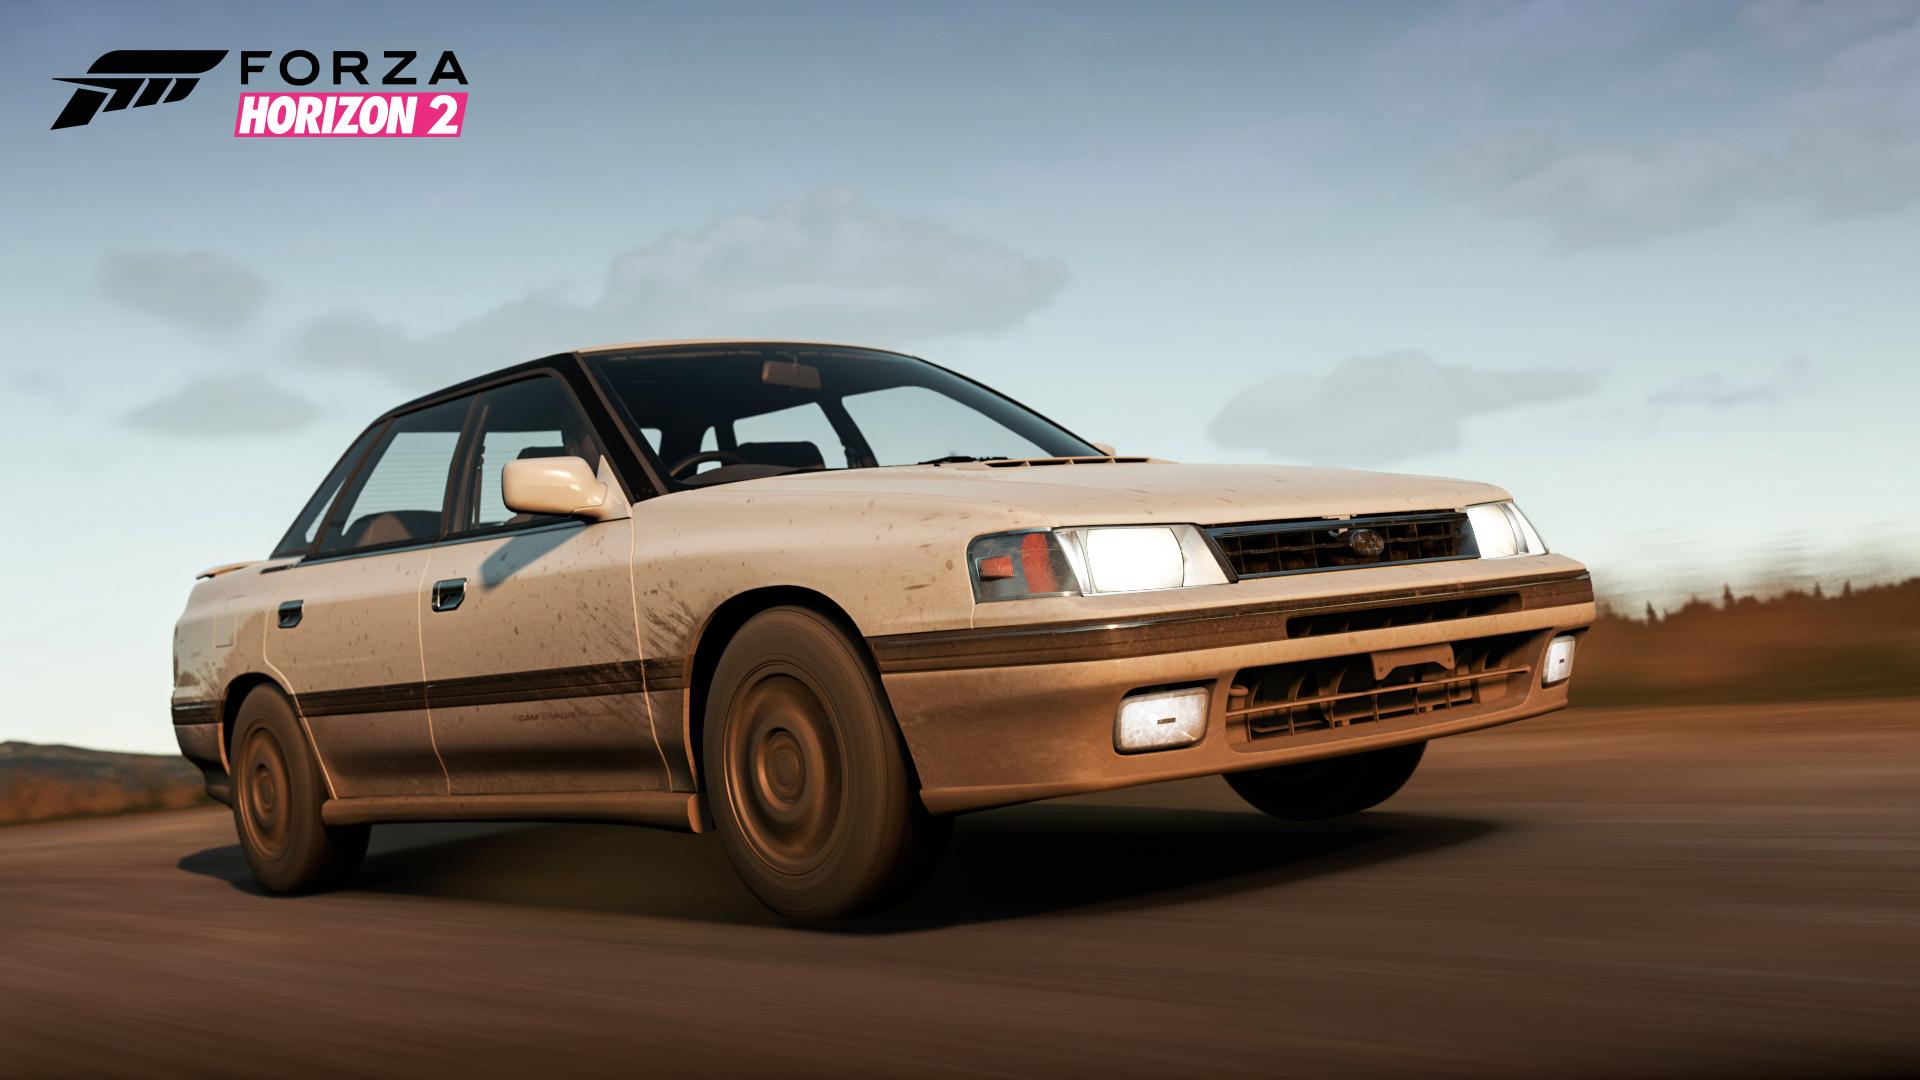 Pacote de carros Falken do Forza Horizon 2 já está disponível